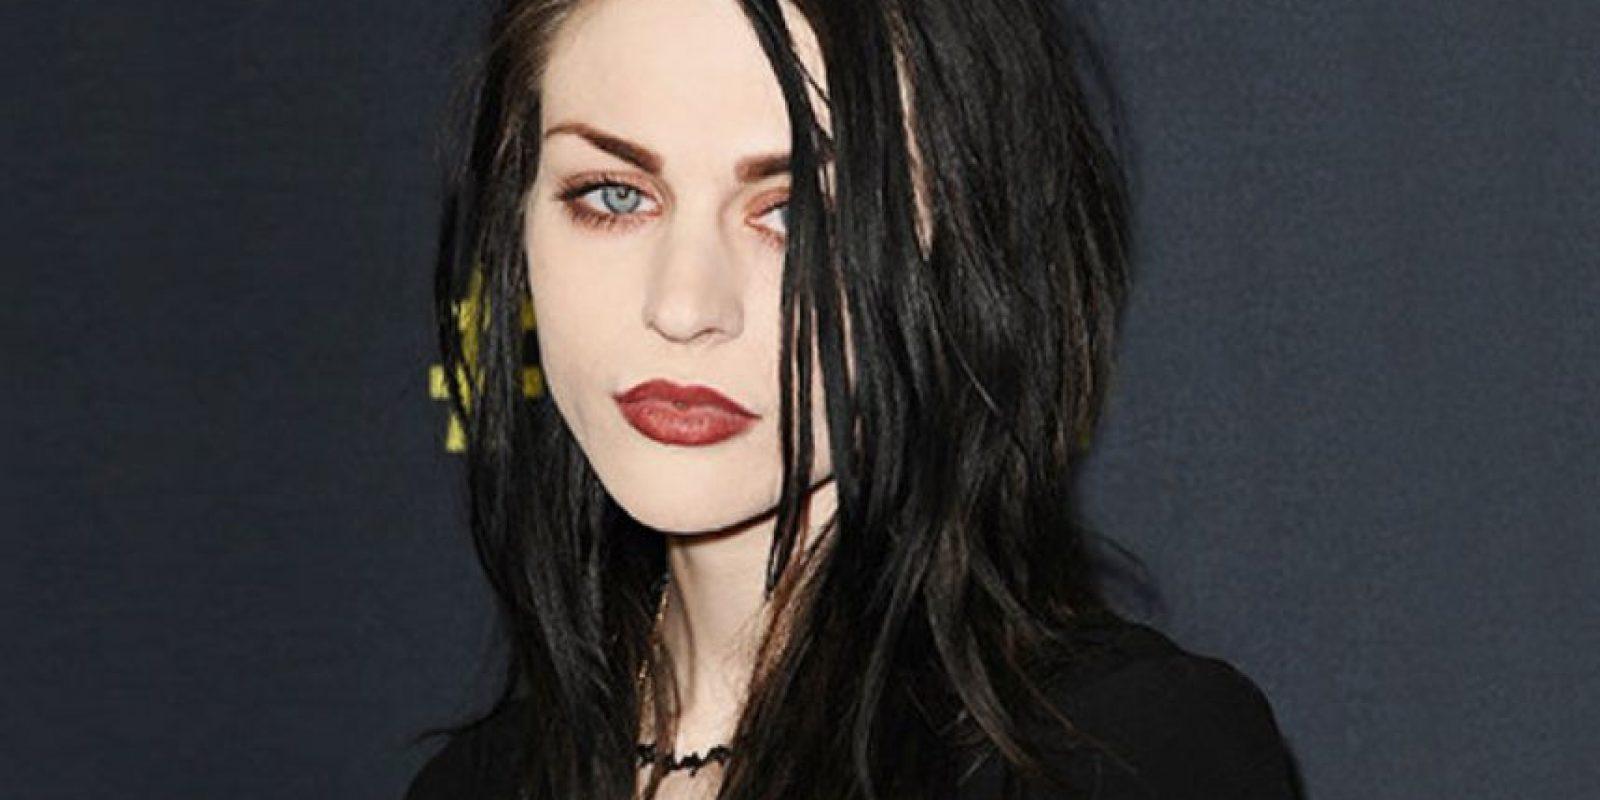 Que Frances te enseñe qué es un look grunge. Ella tiene autoridad. Foto:vía Getty Images